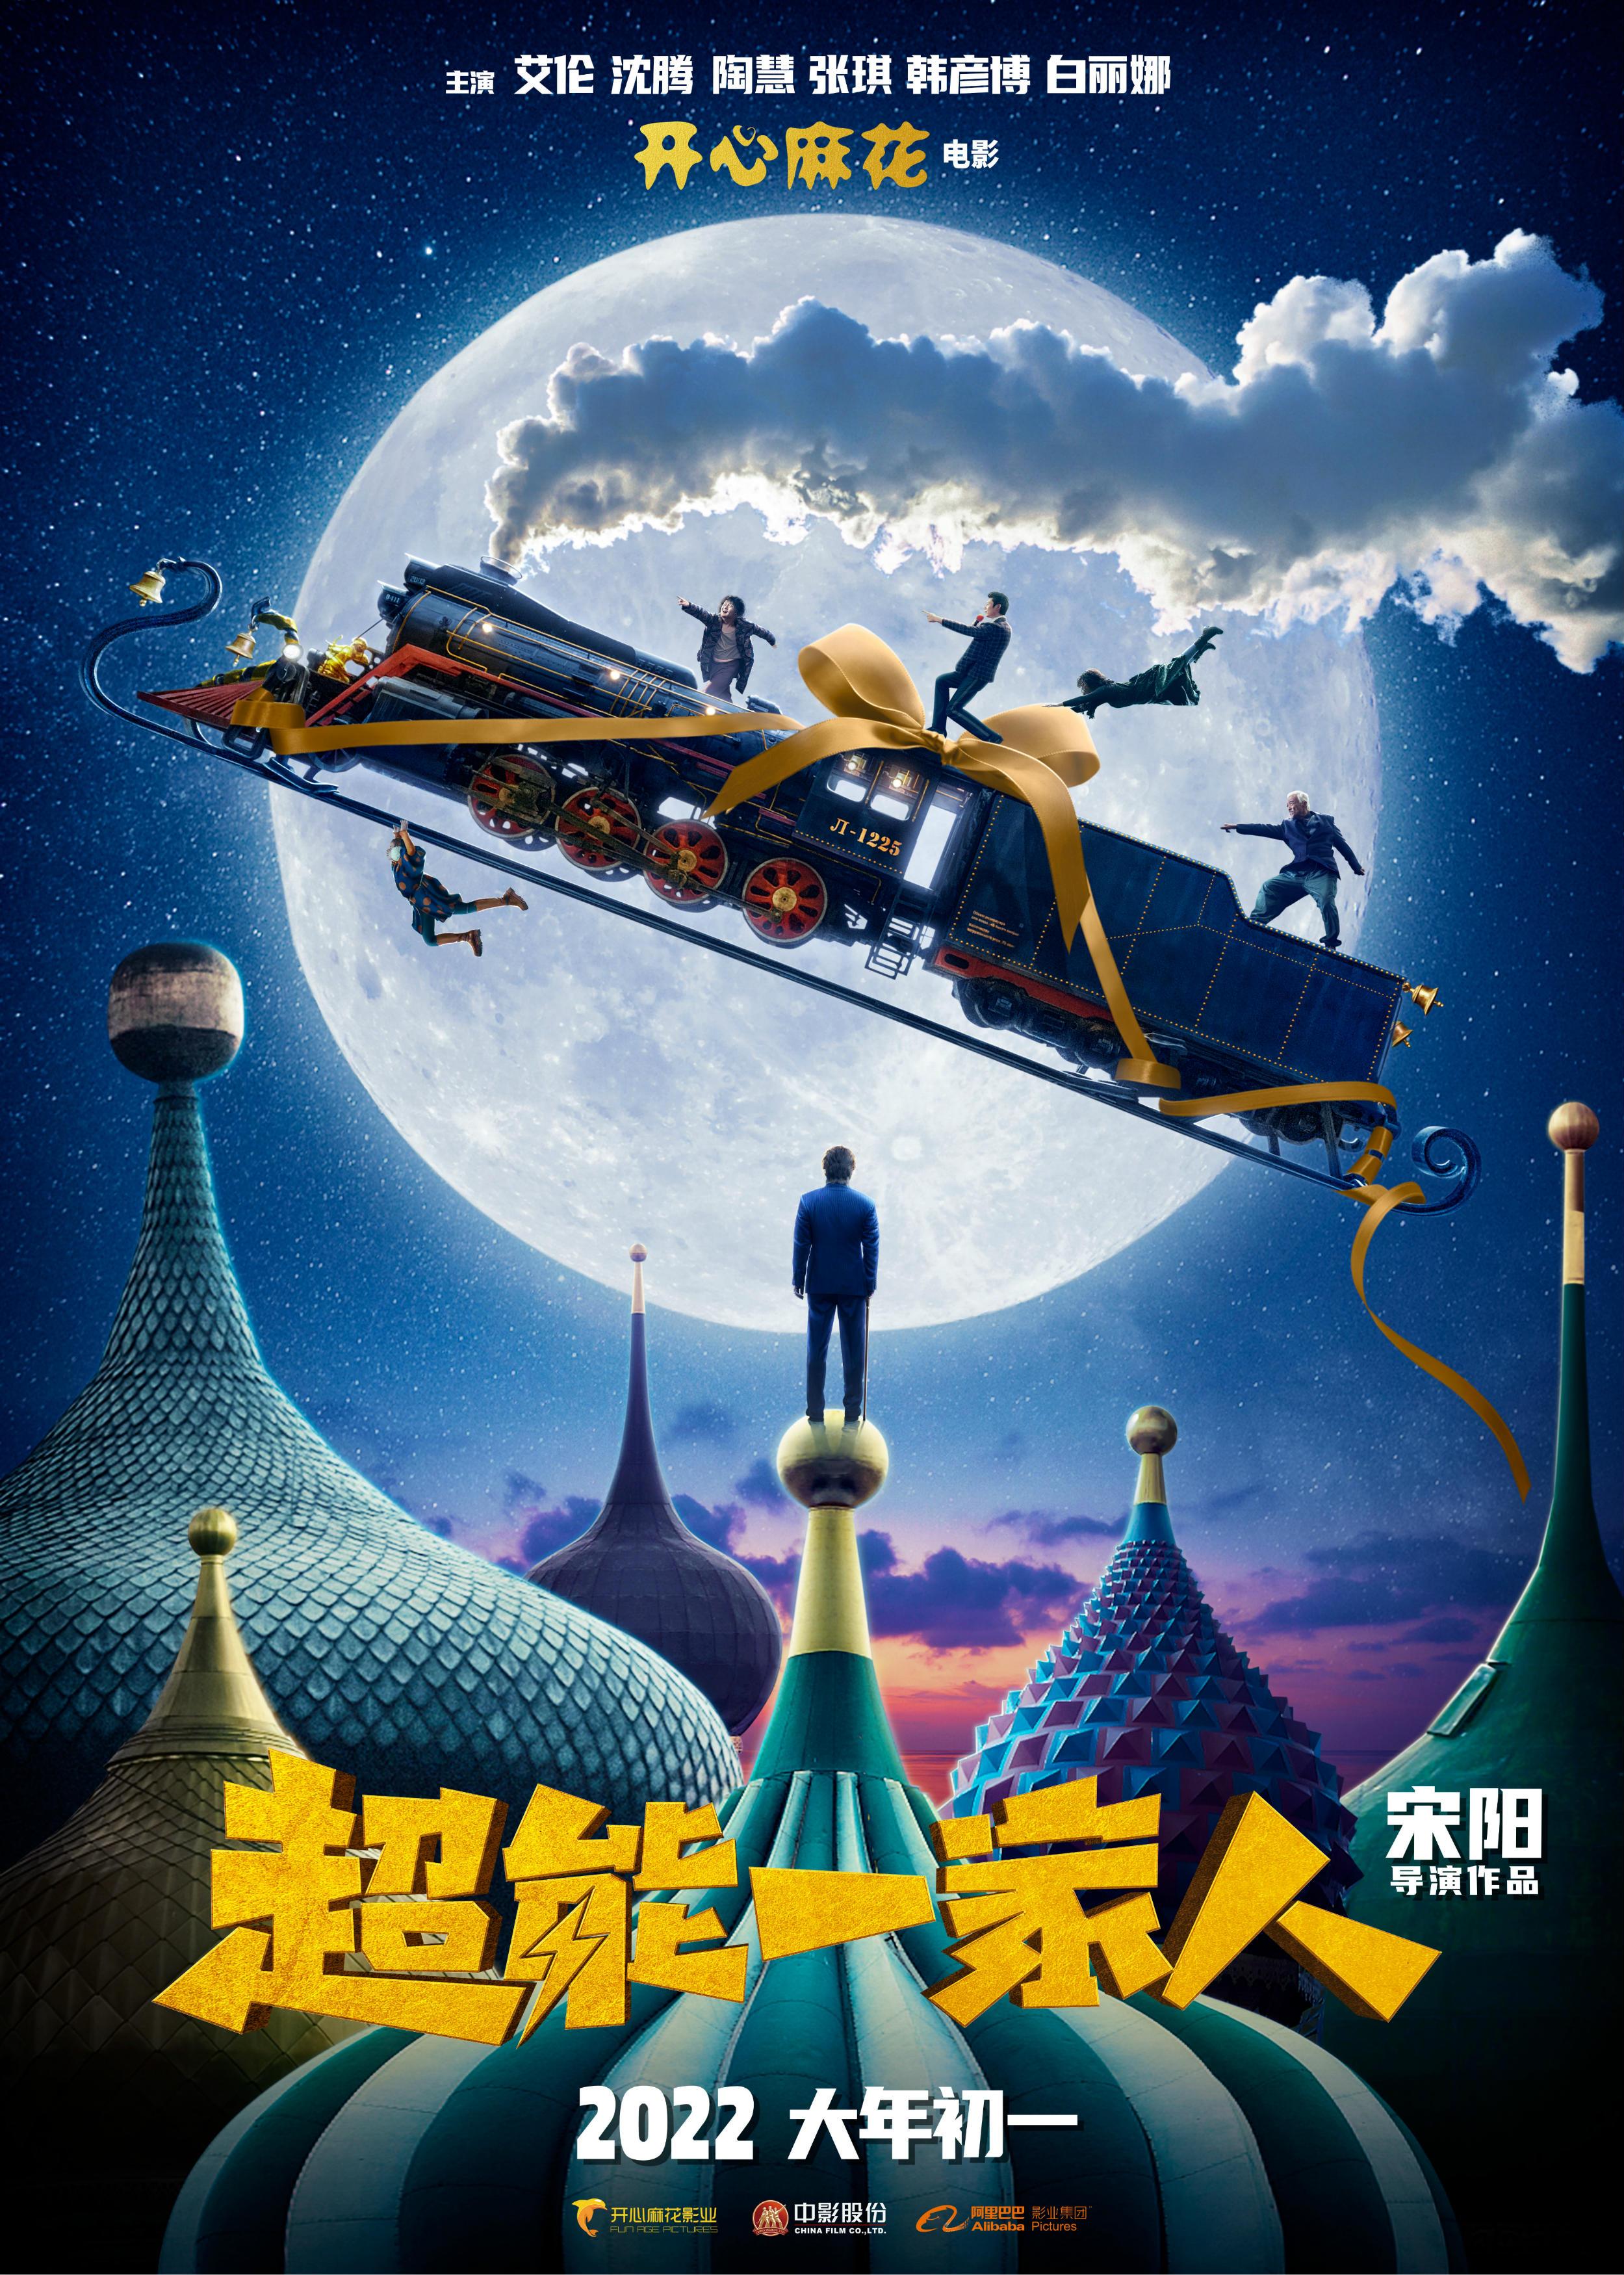 开心麻花首次进军春节档,艾伦沈腾新片《超能一家人》定档2022大年初一